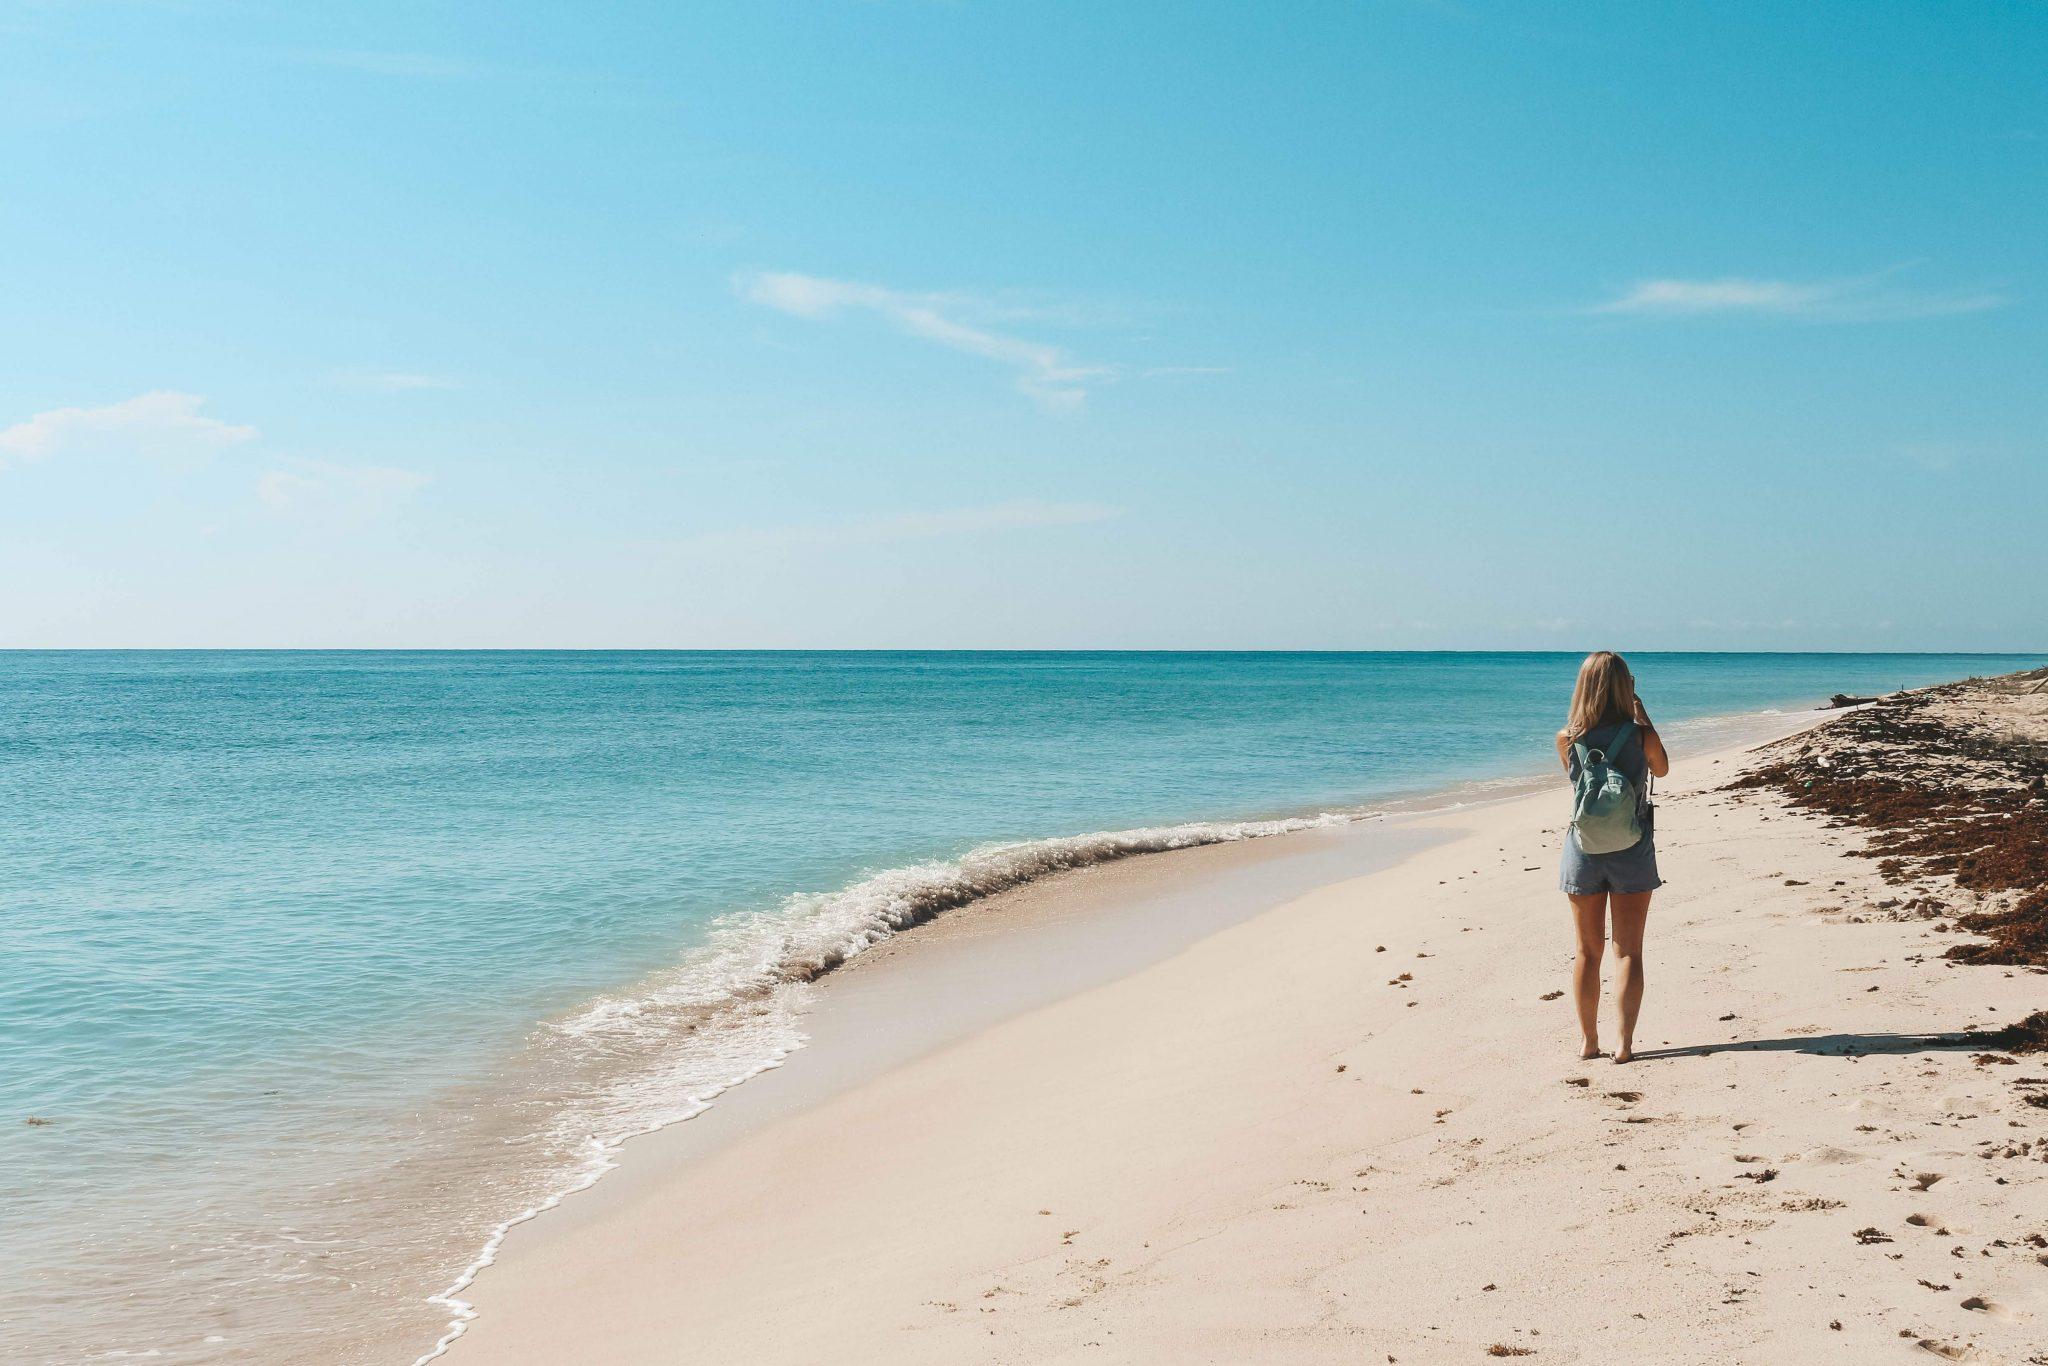 Sian Ka'an beach